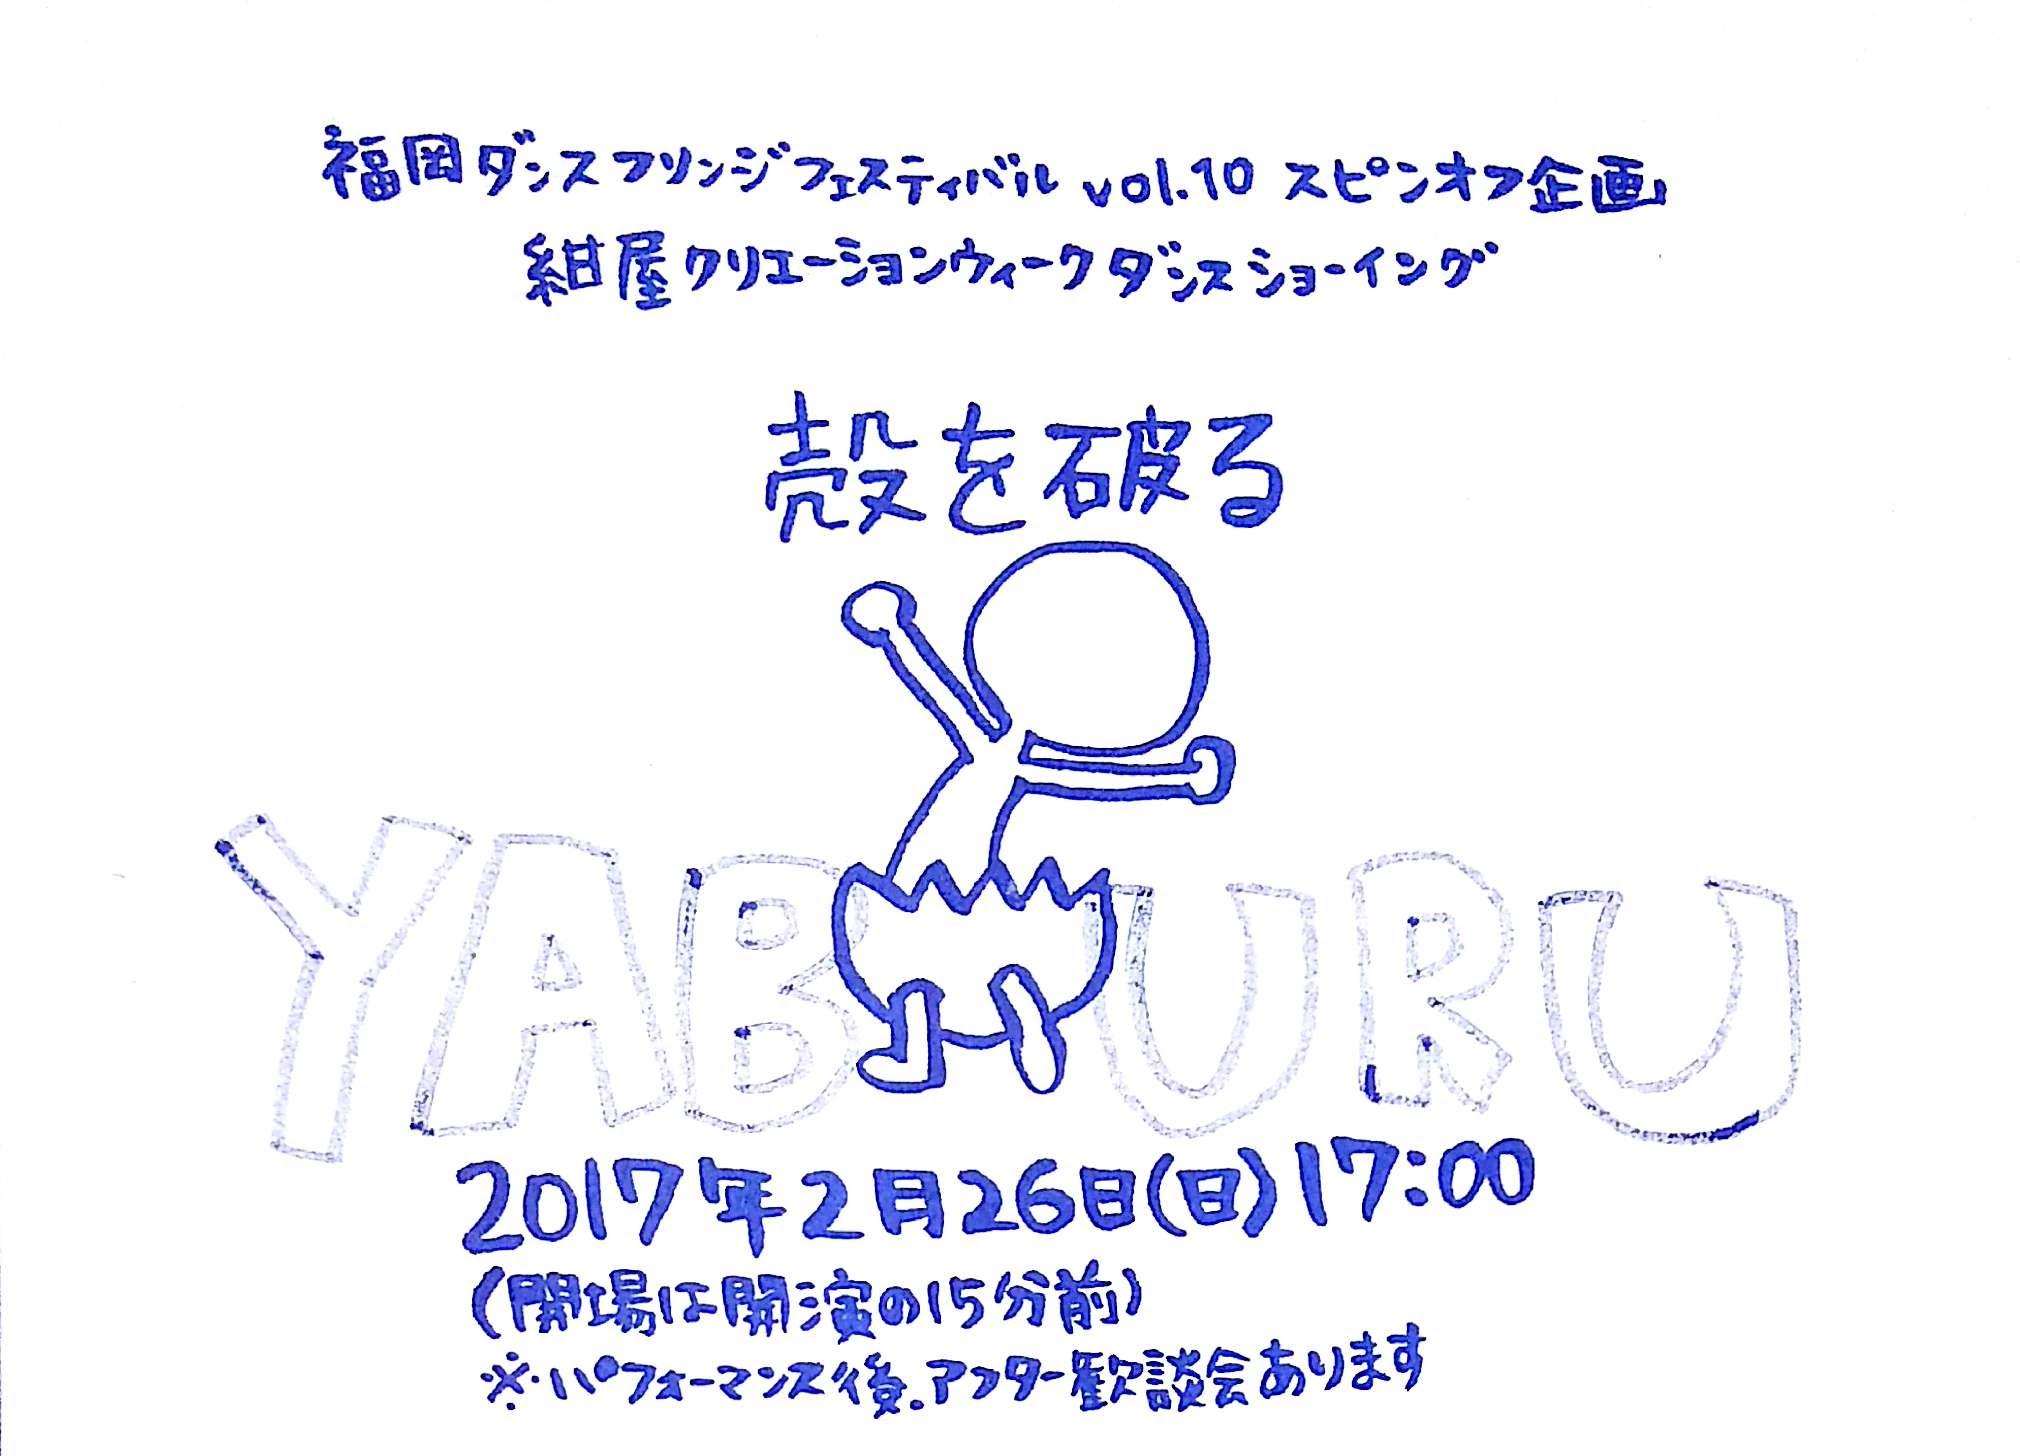 新規ドキュメント 2017-02-13_1